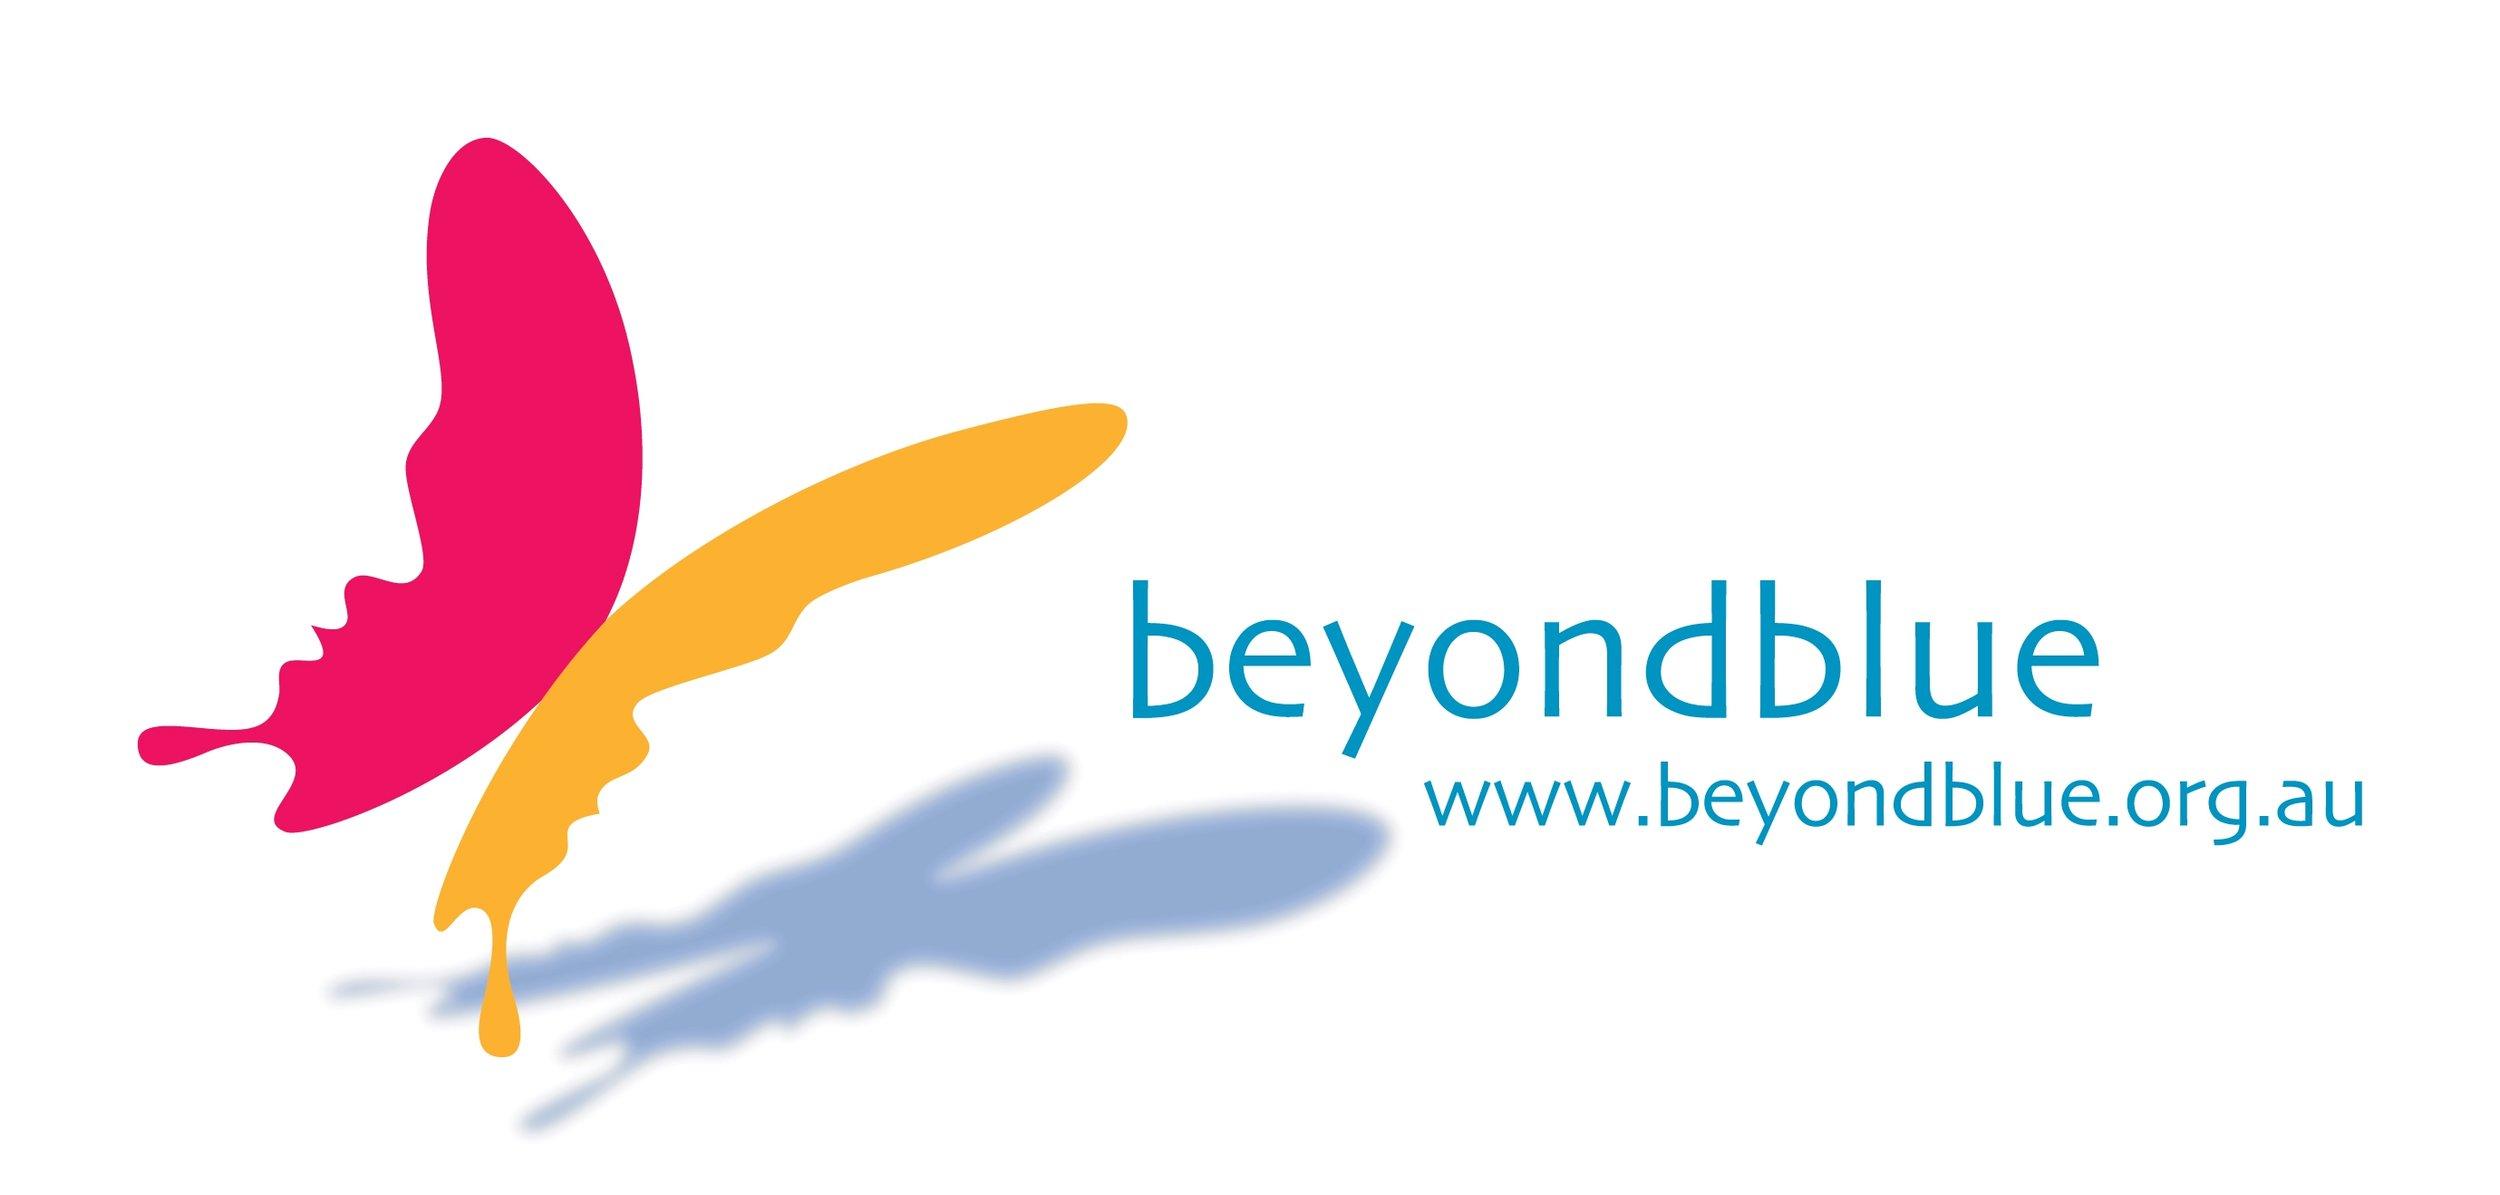 www.beyondblue.org.au